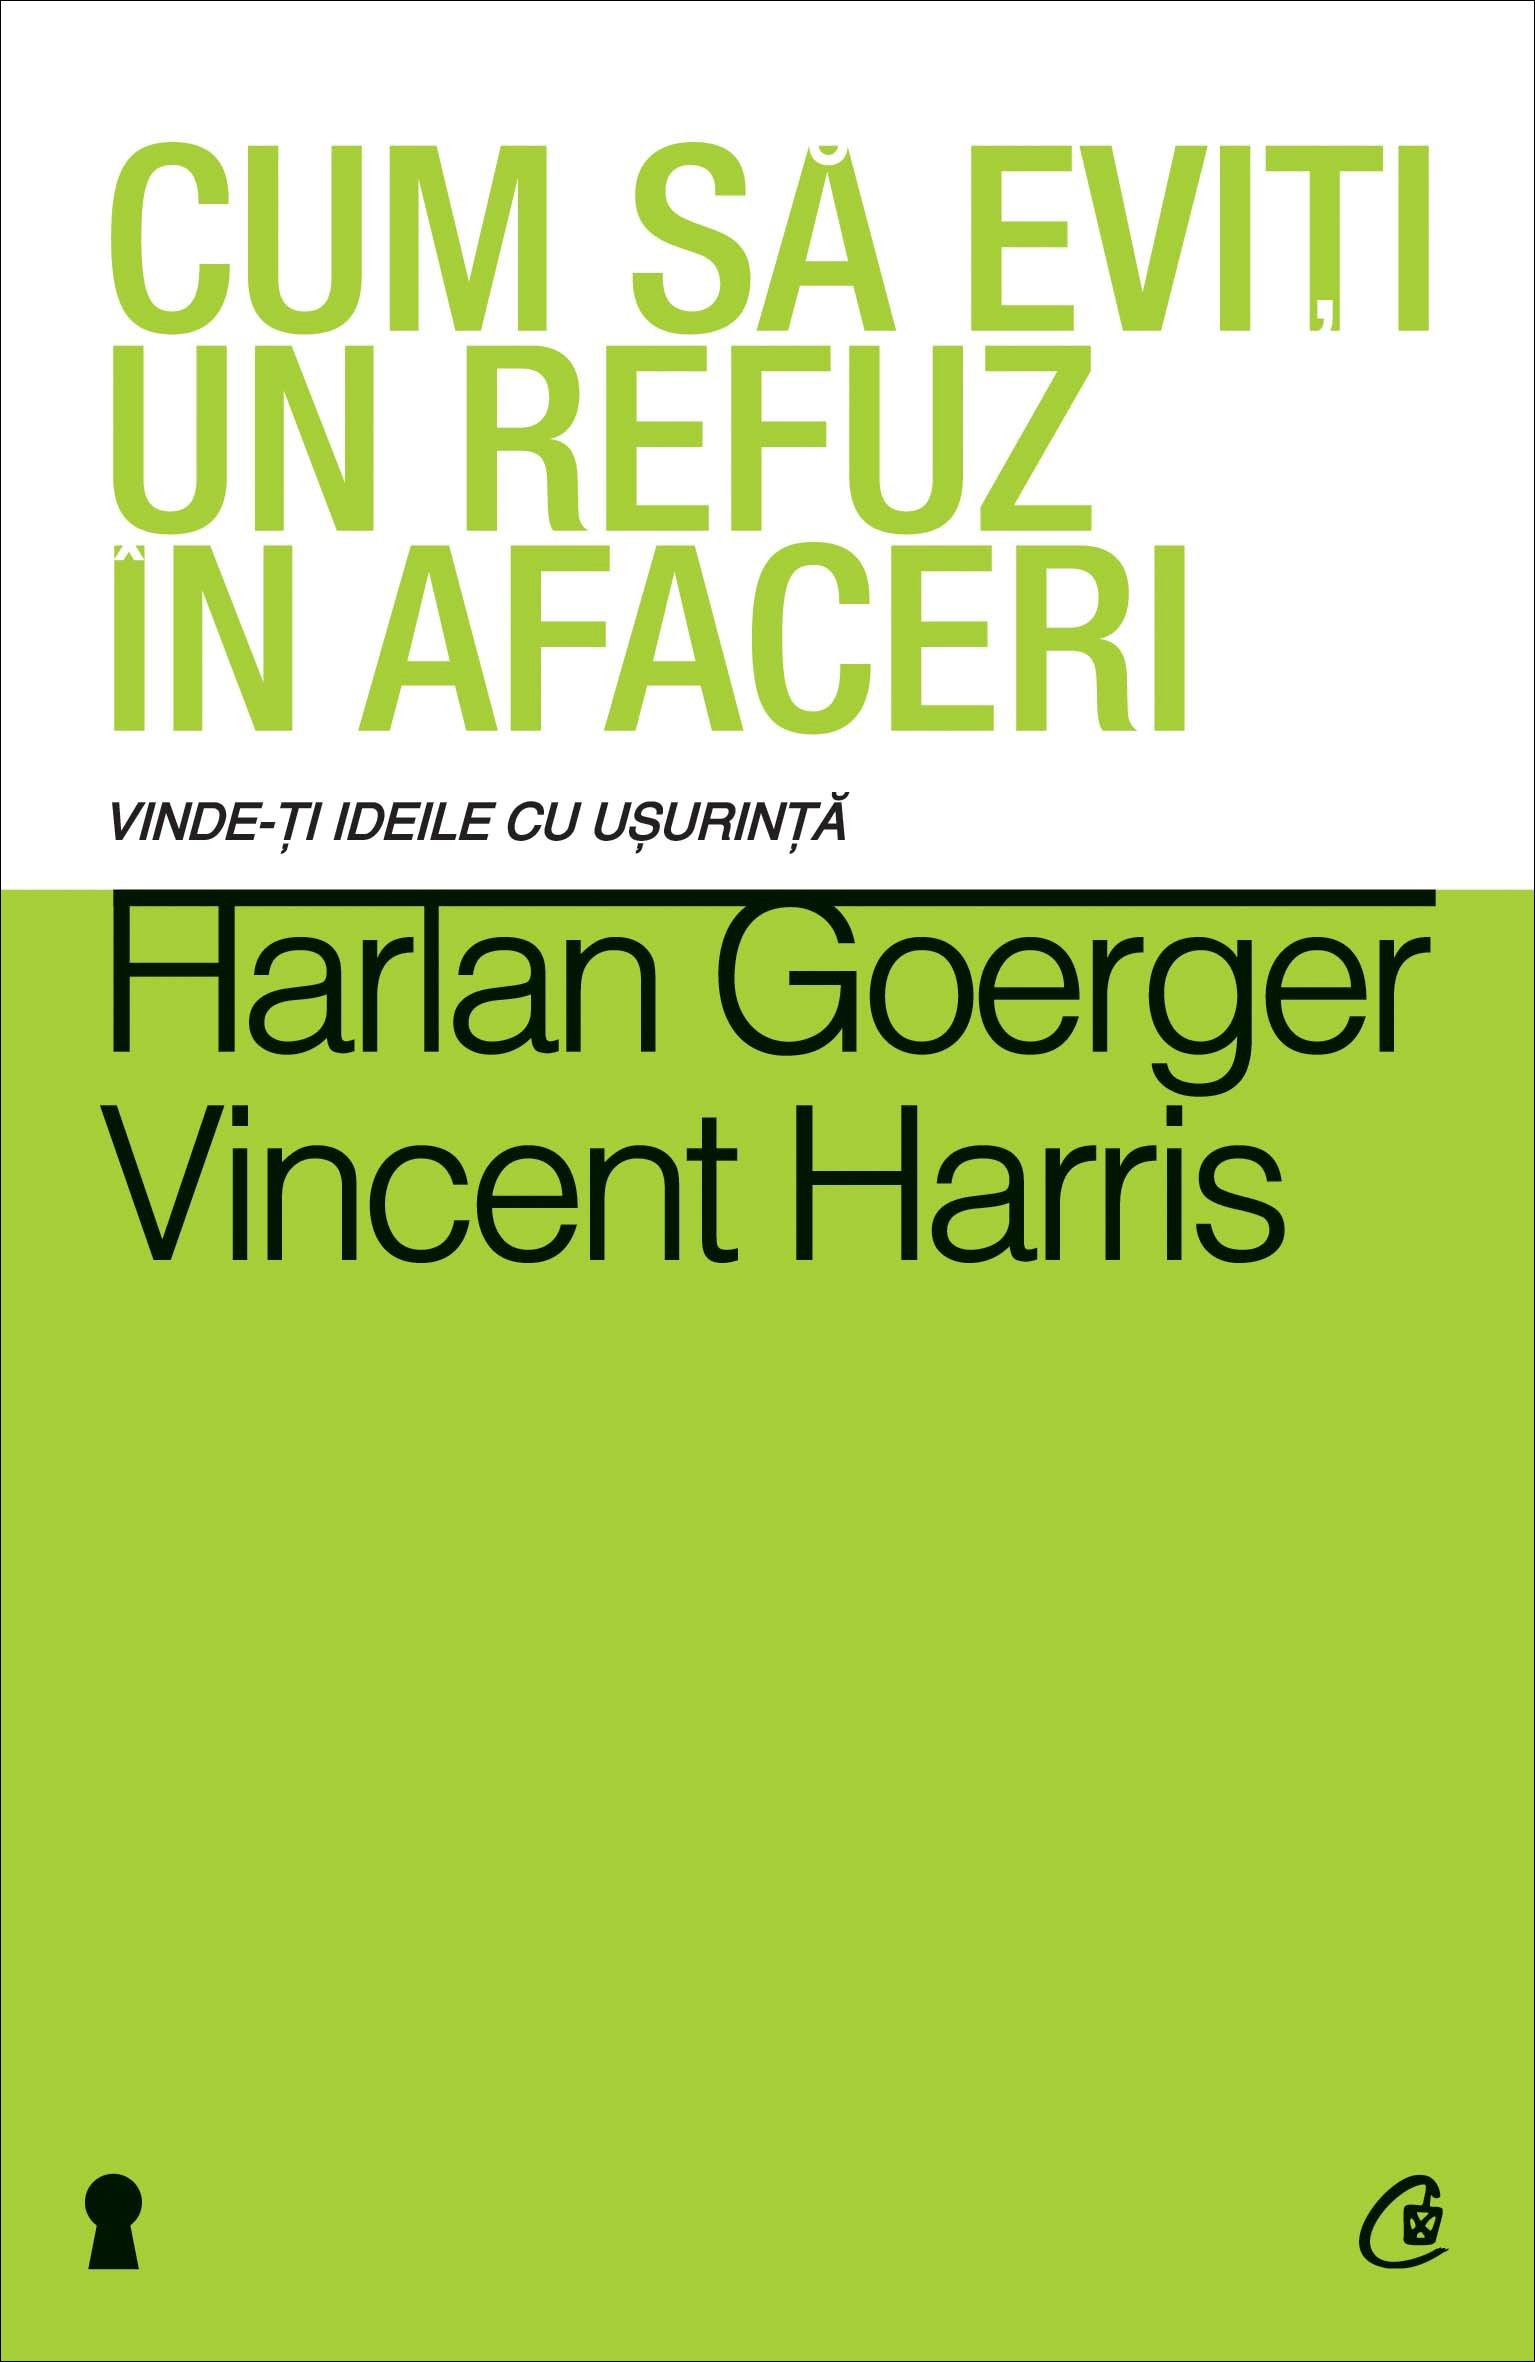 Cum să eviți un refuz în afaceri - Harlan Goerger, Vincent Harris